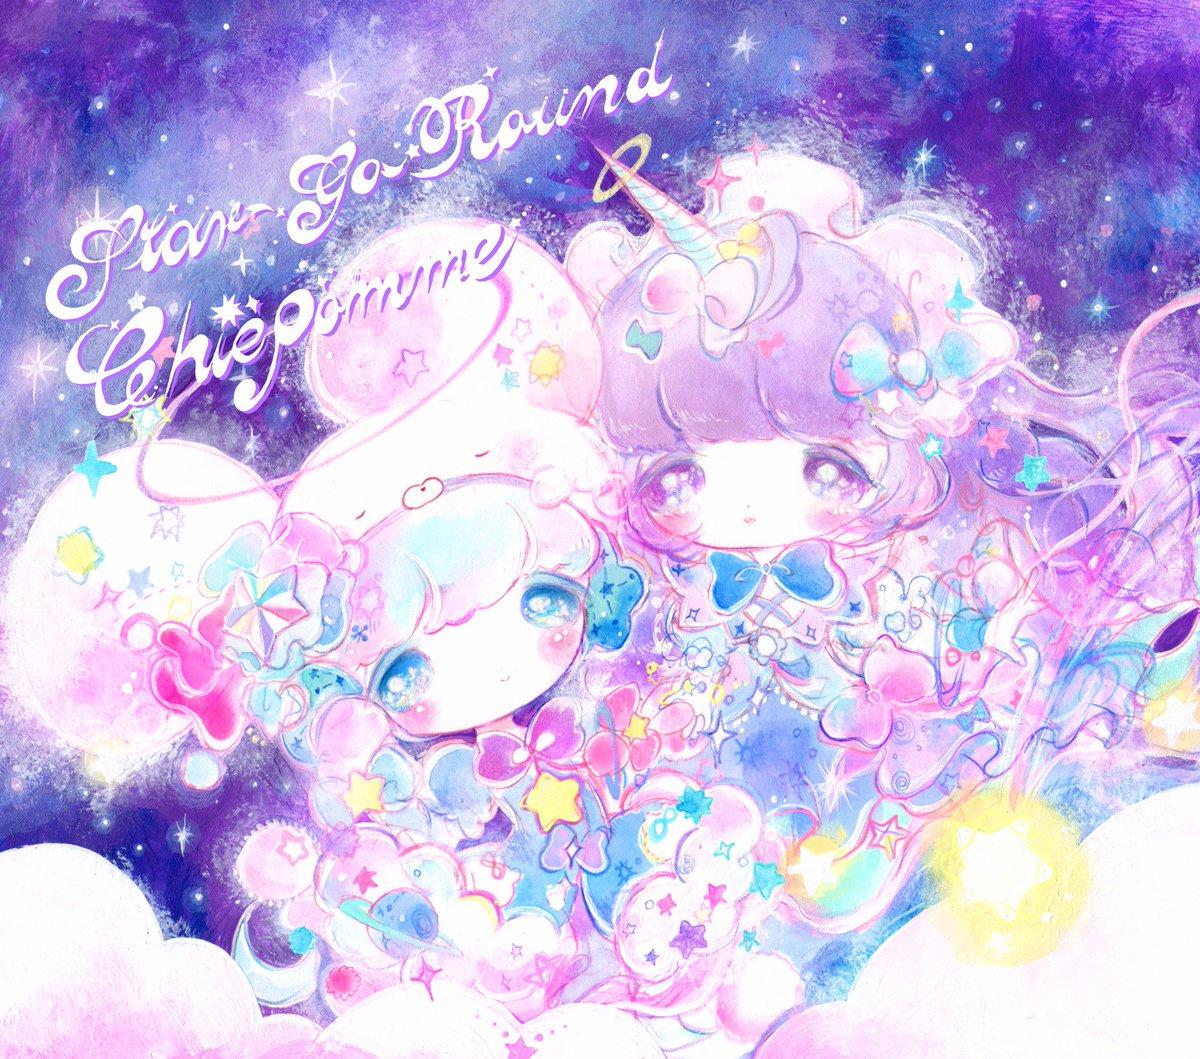 6月8日(水)にデビューアルバム「star-go-round」を発売します! 初回限定デジパックで同人の曲+新曲 計18曲 1,852円(税別)です! ジャケットは @chikuwamiel さんで店舗ごとに特典もあります! https://t.co/7dgq72OSmO